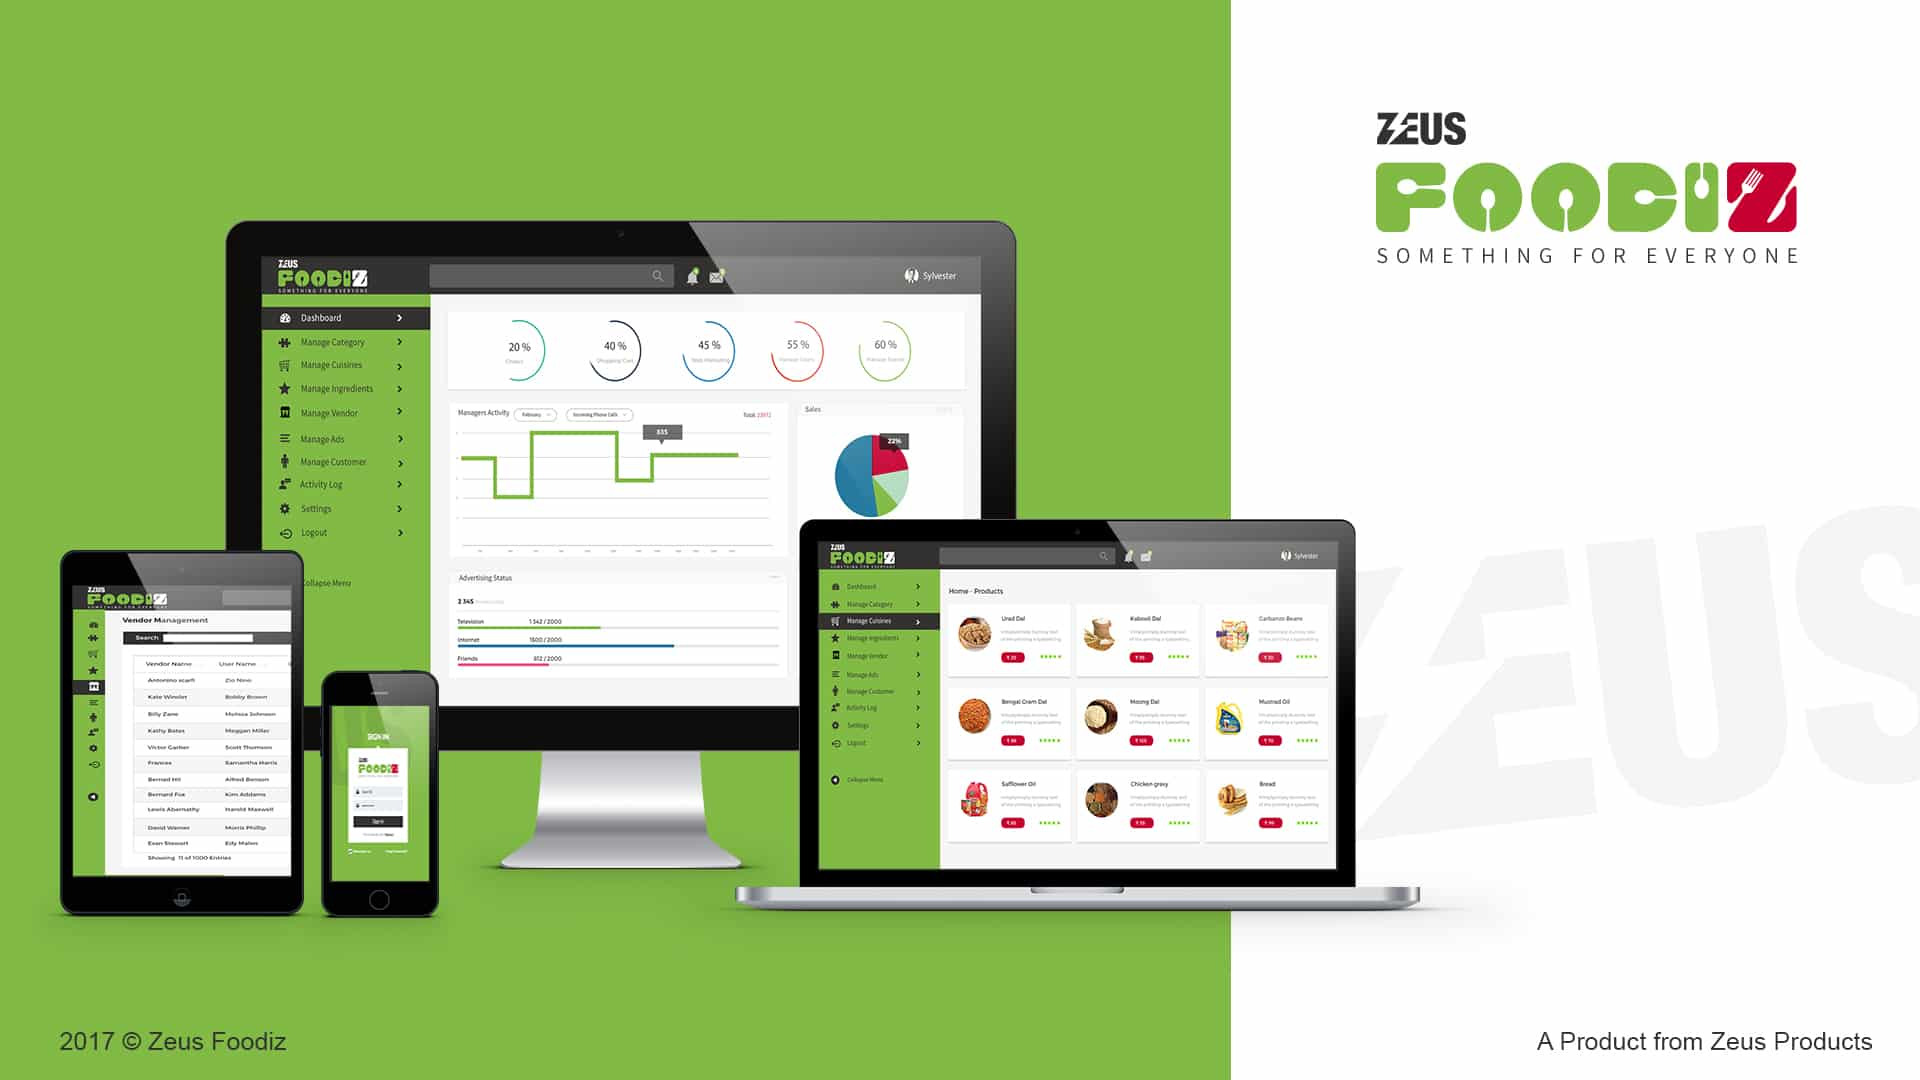 Zeus Foodiz Mocck up Details